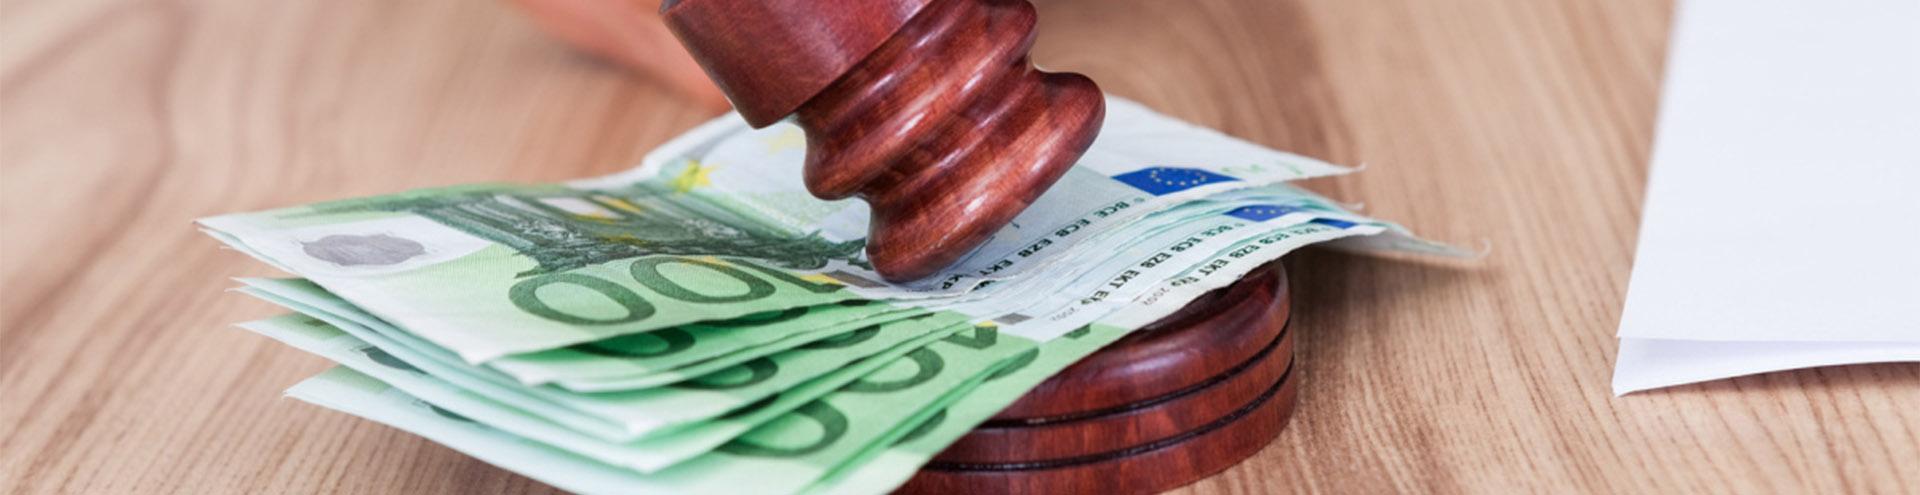 судебные расходы в Чебоксарах